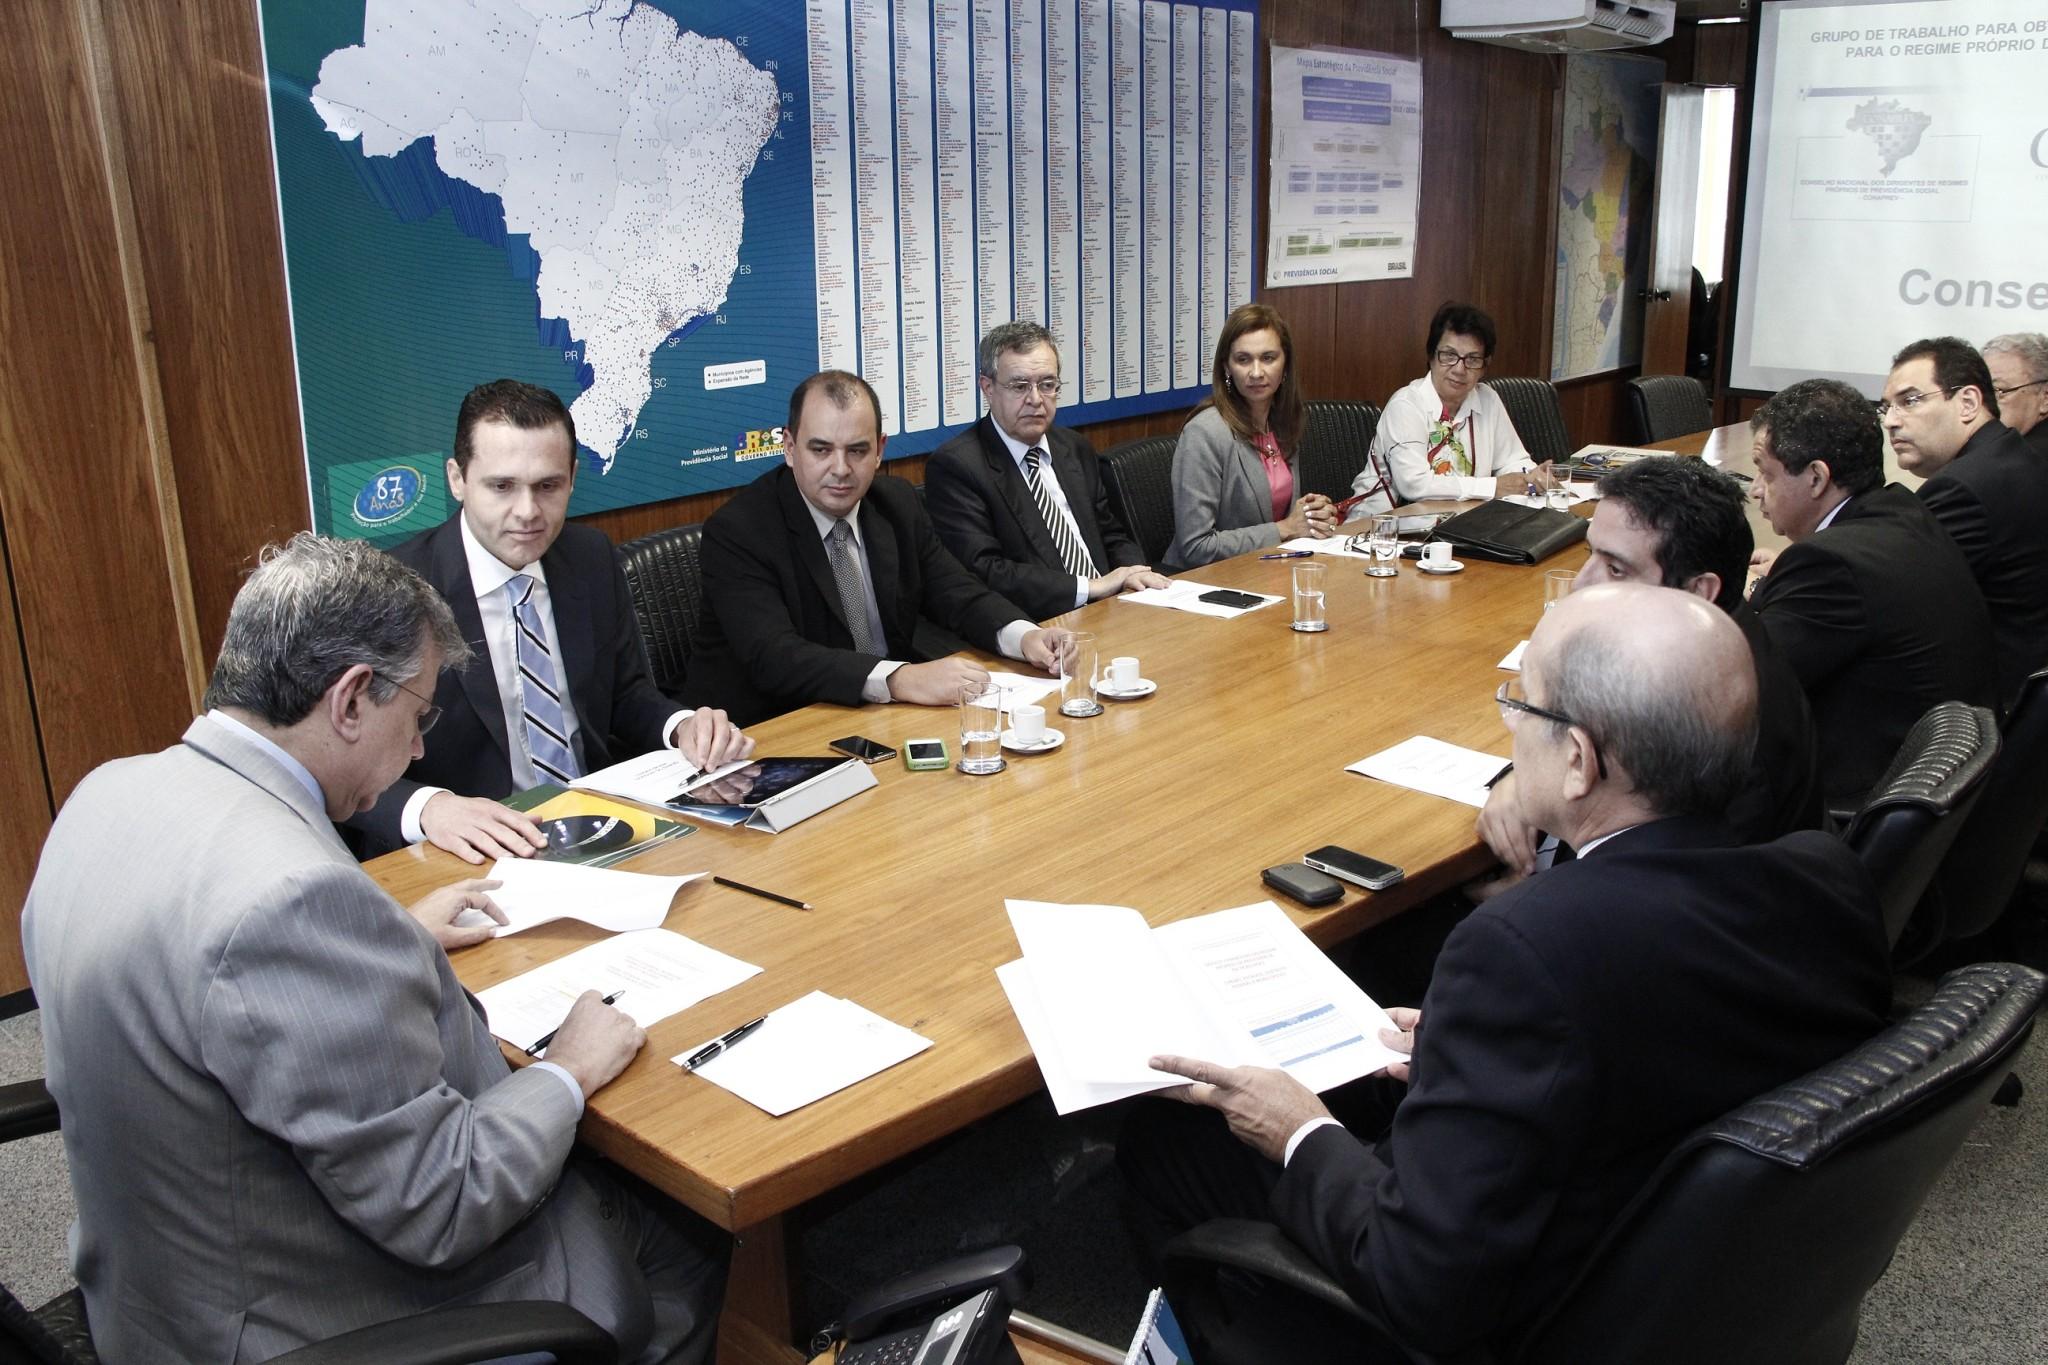 Secretário participa de reunião no MP